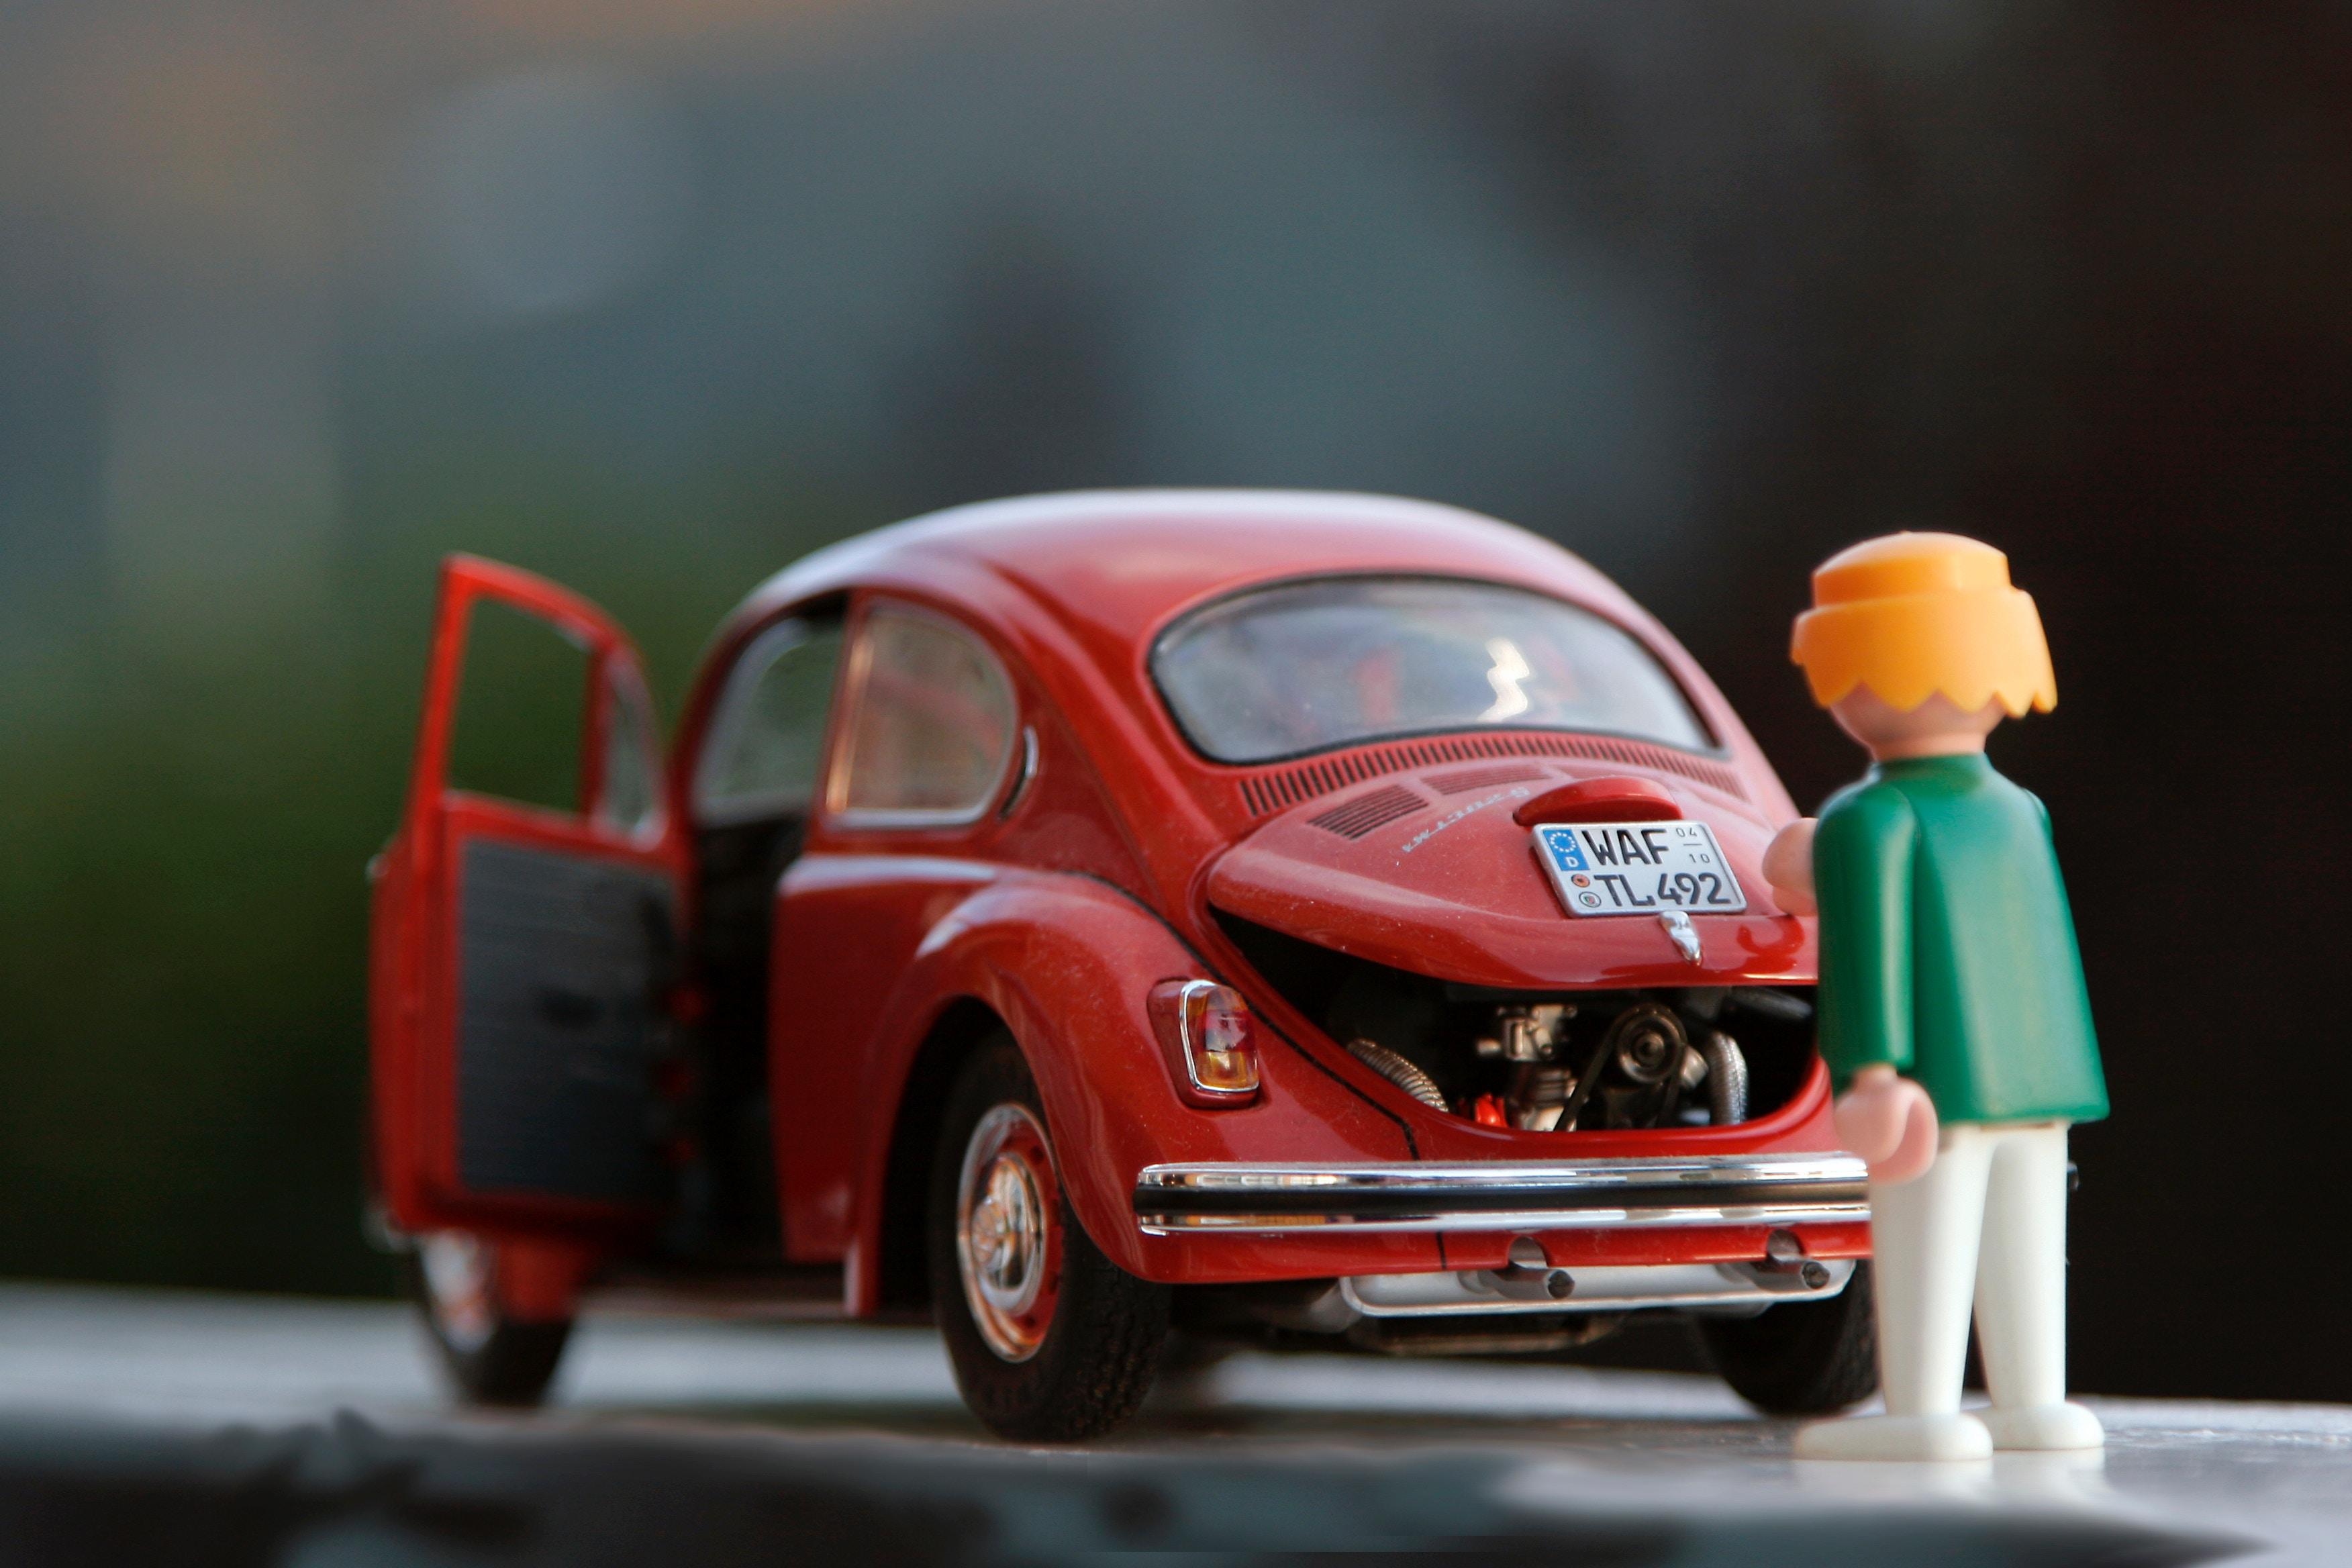 中古車購入のトラブルはなぜ起きるのか?